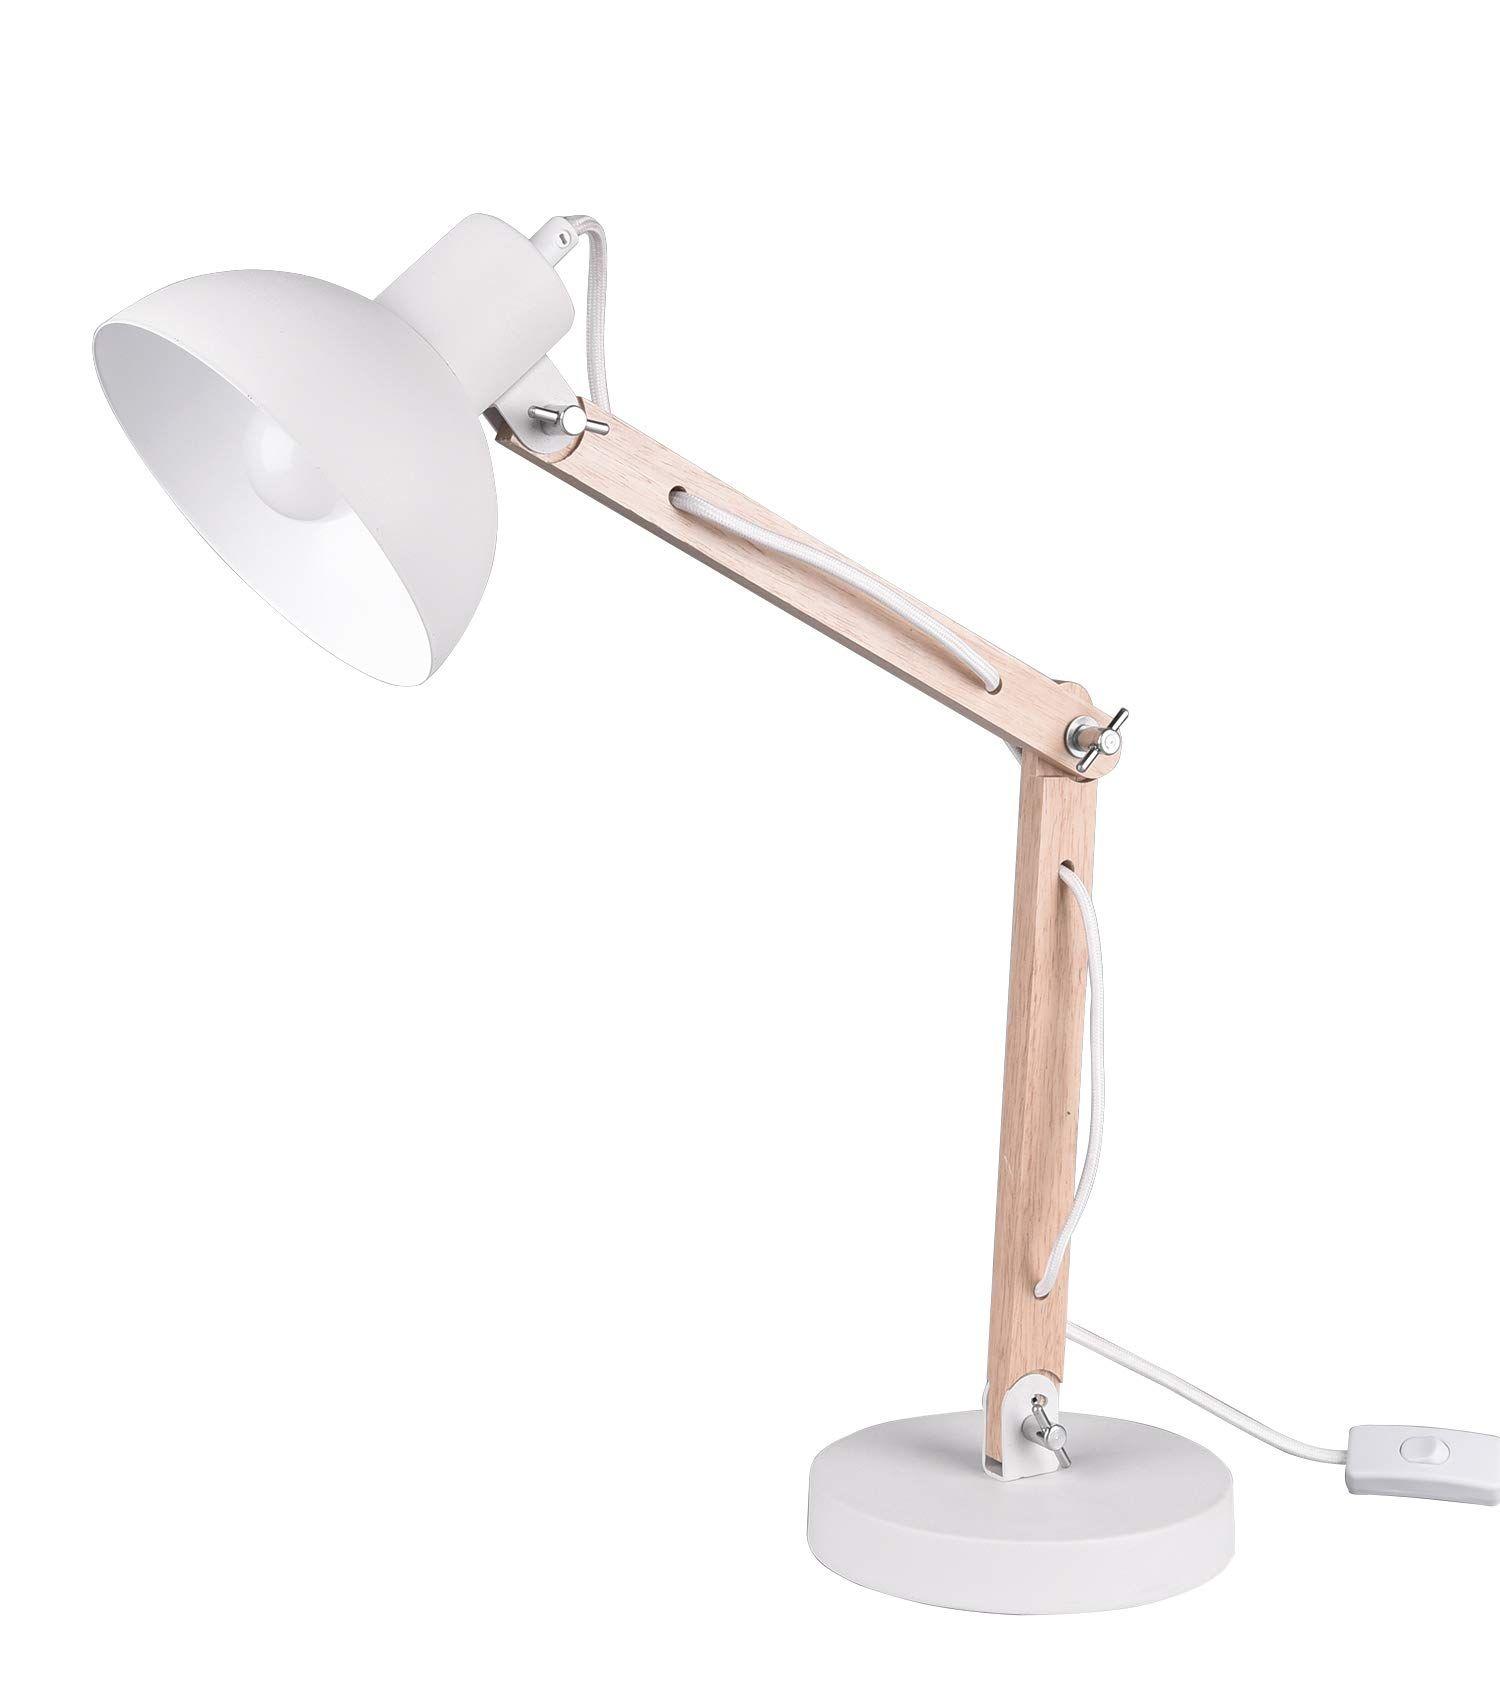 Tomons Led Leselampe Im Klassichen Holz Design Schreibtischlampe Tischleuchte Verstellbare Lampe Mit Verstel In 2020 Schreibtischlampe Led Leselampe Nachttischlampe